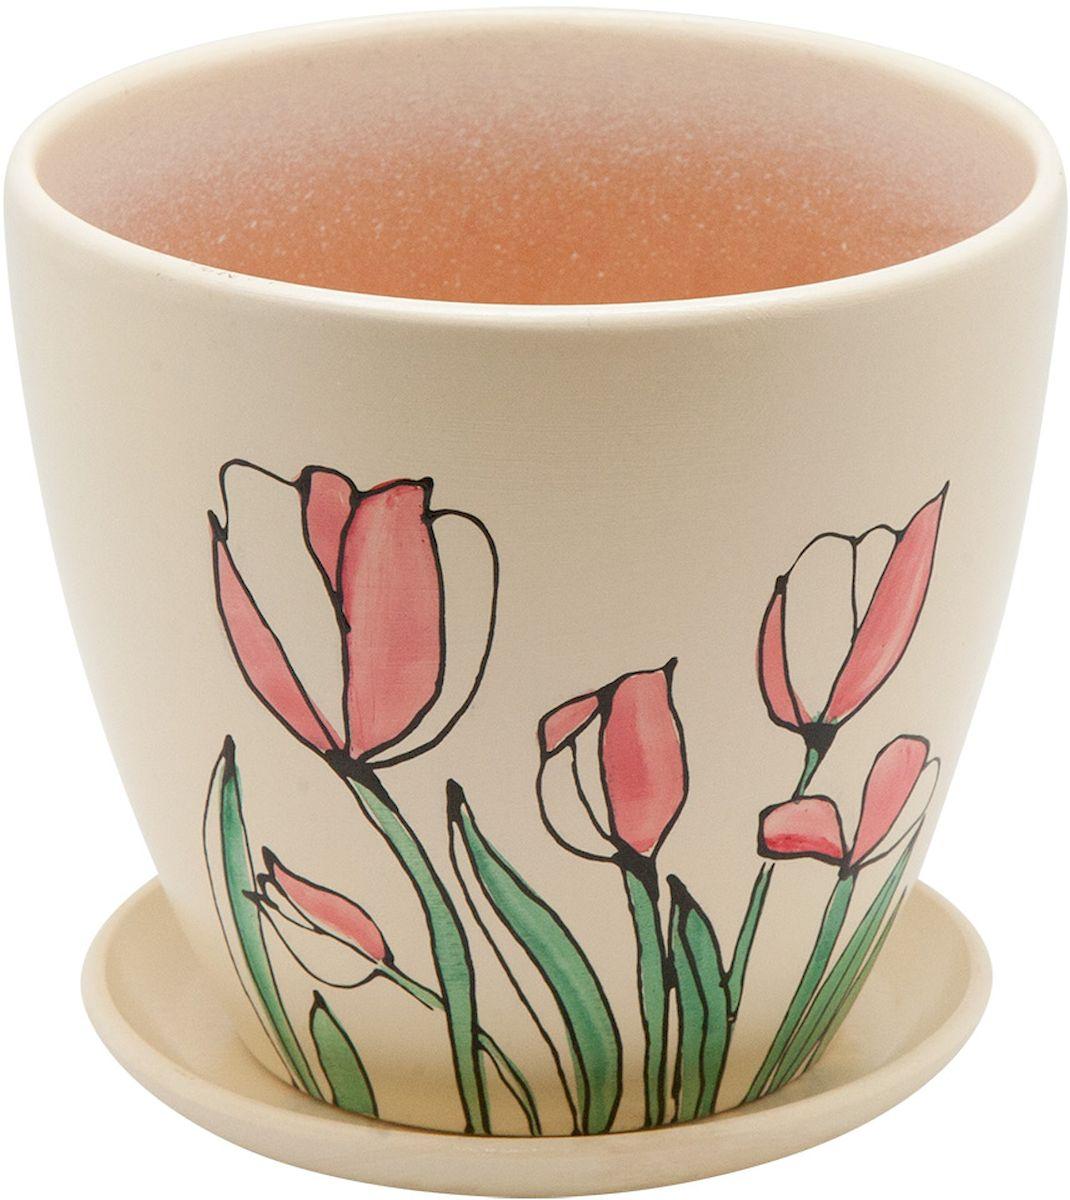 """Керамический горшок """"Engard"""" - это идеальное решение для выращивания комнатных растений и создания изысканности в интерьере. Керамический горшок сделан из высококачественной глины в классической форме и оригинальном дизайне.Объем: 1,4 л."""